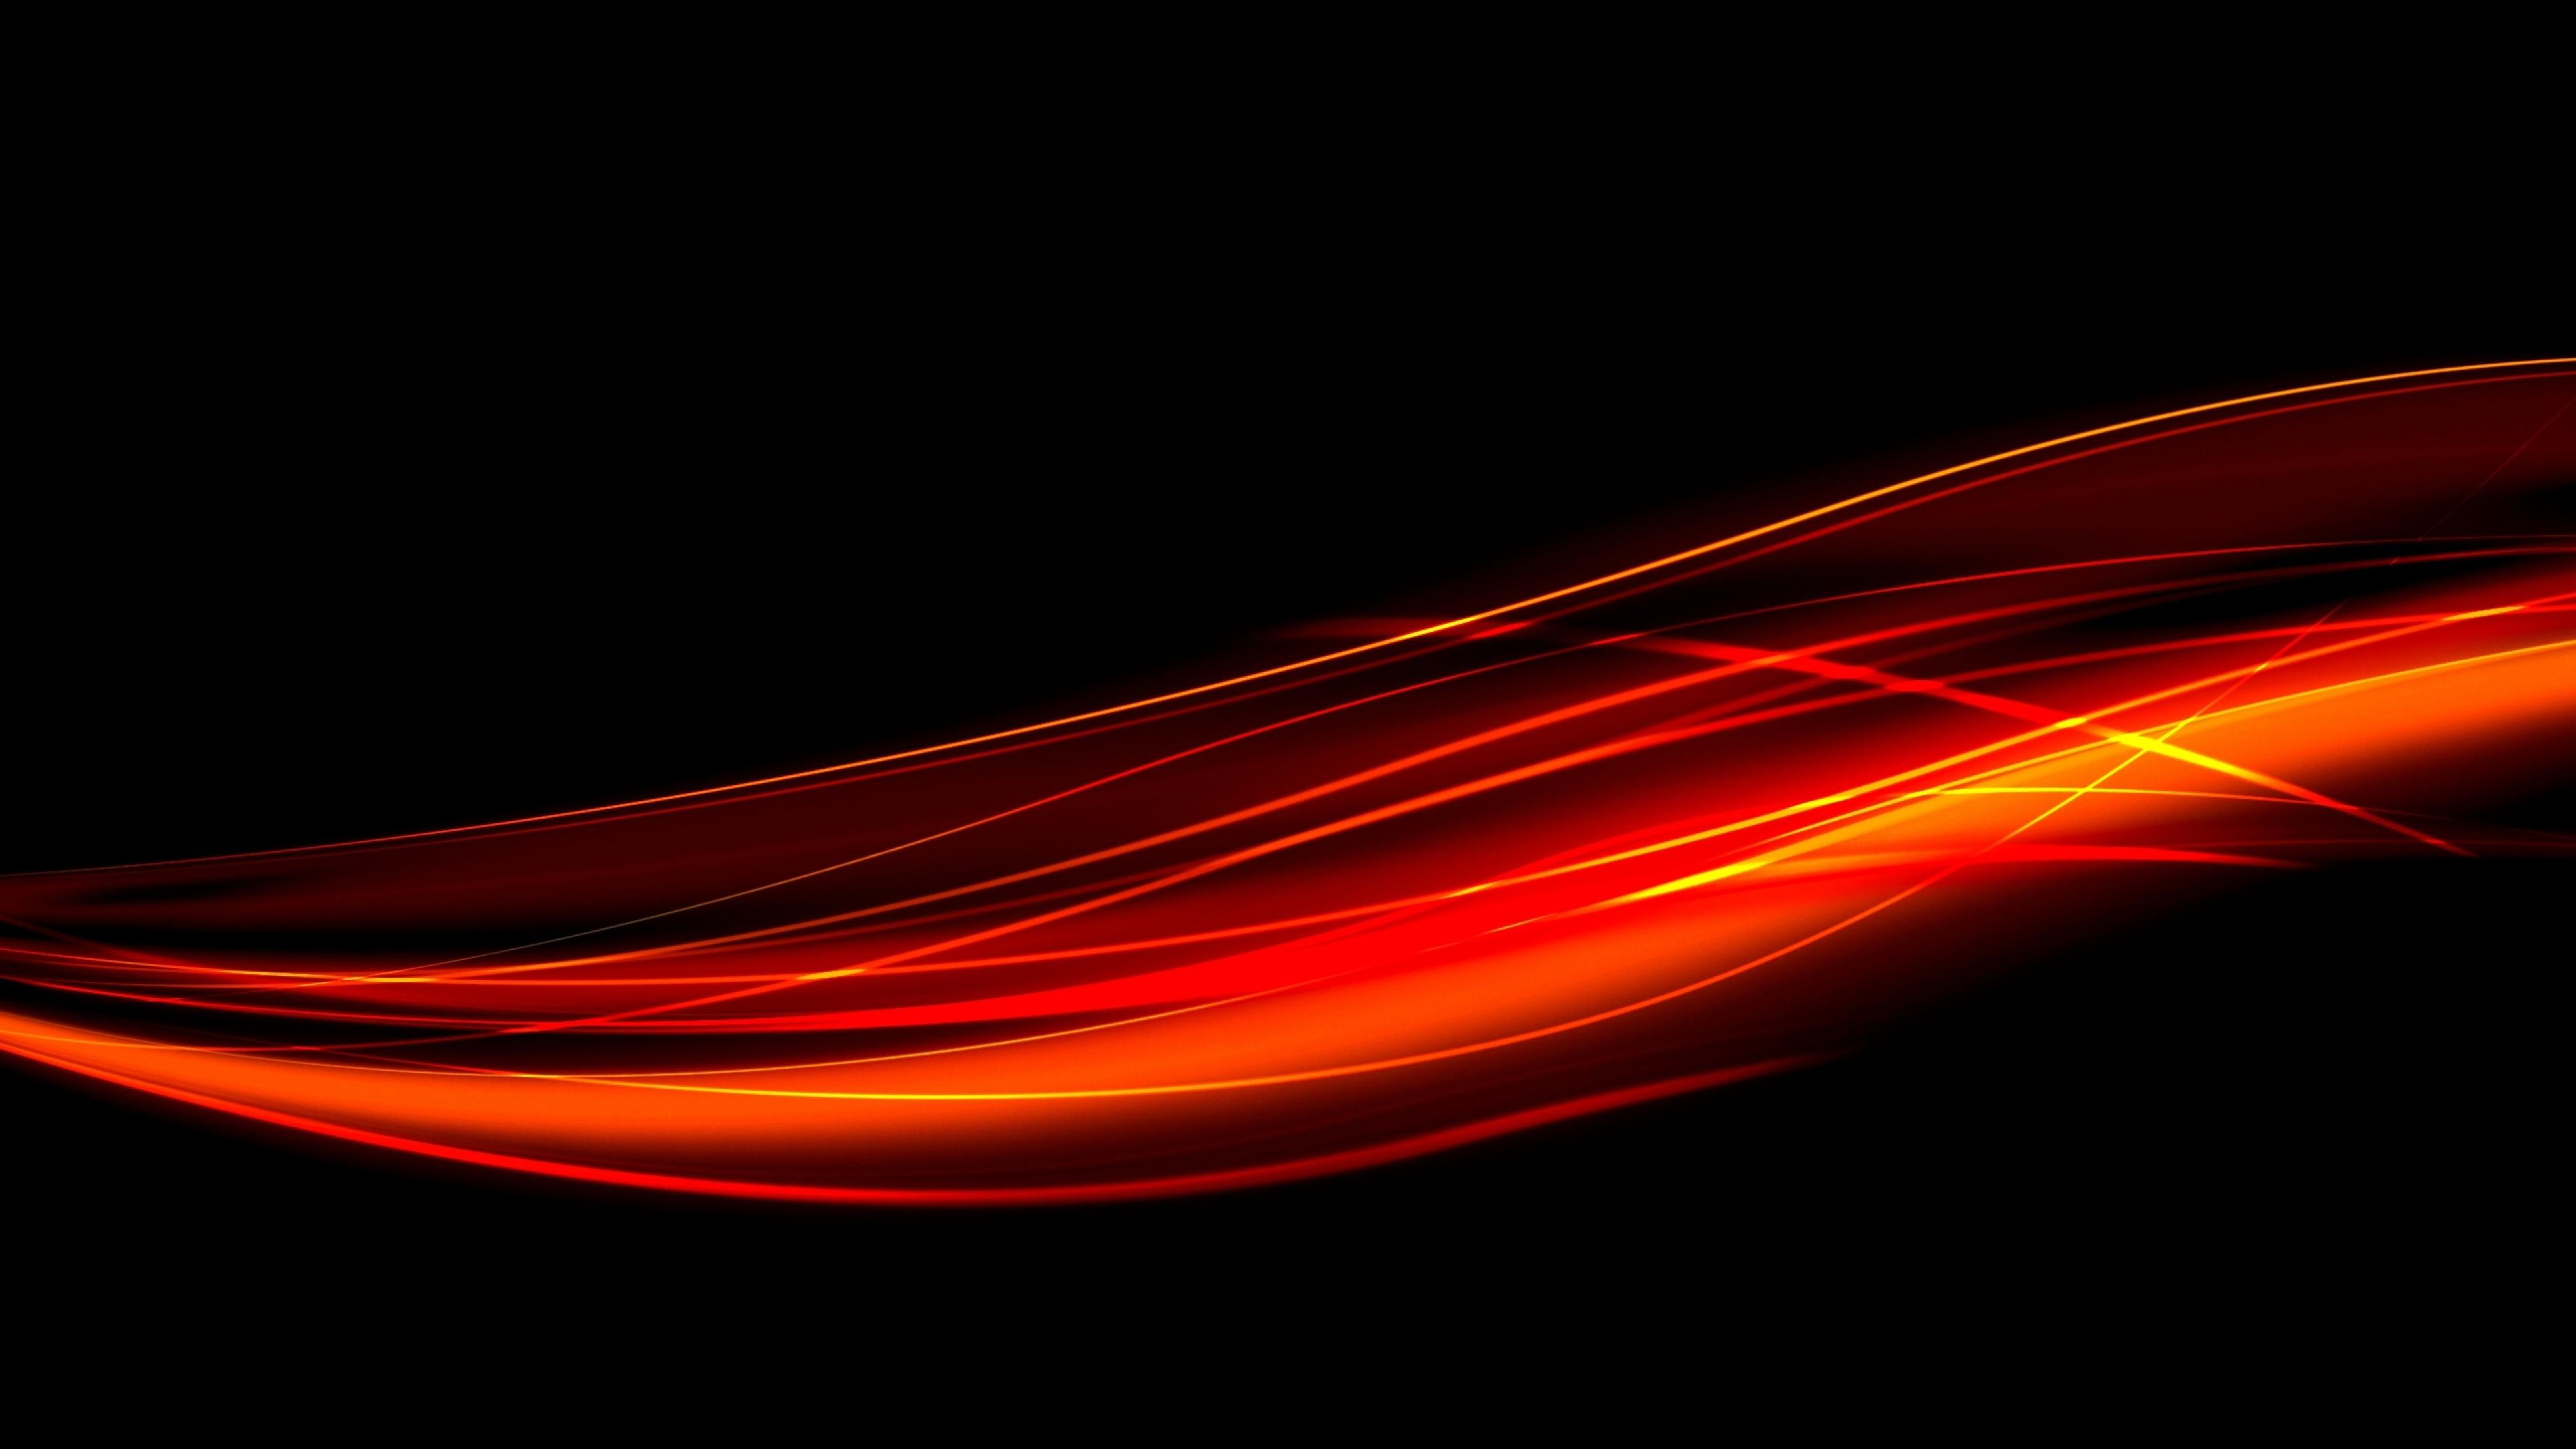 Wallpaper black, red, line, light